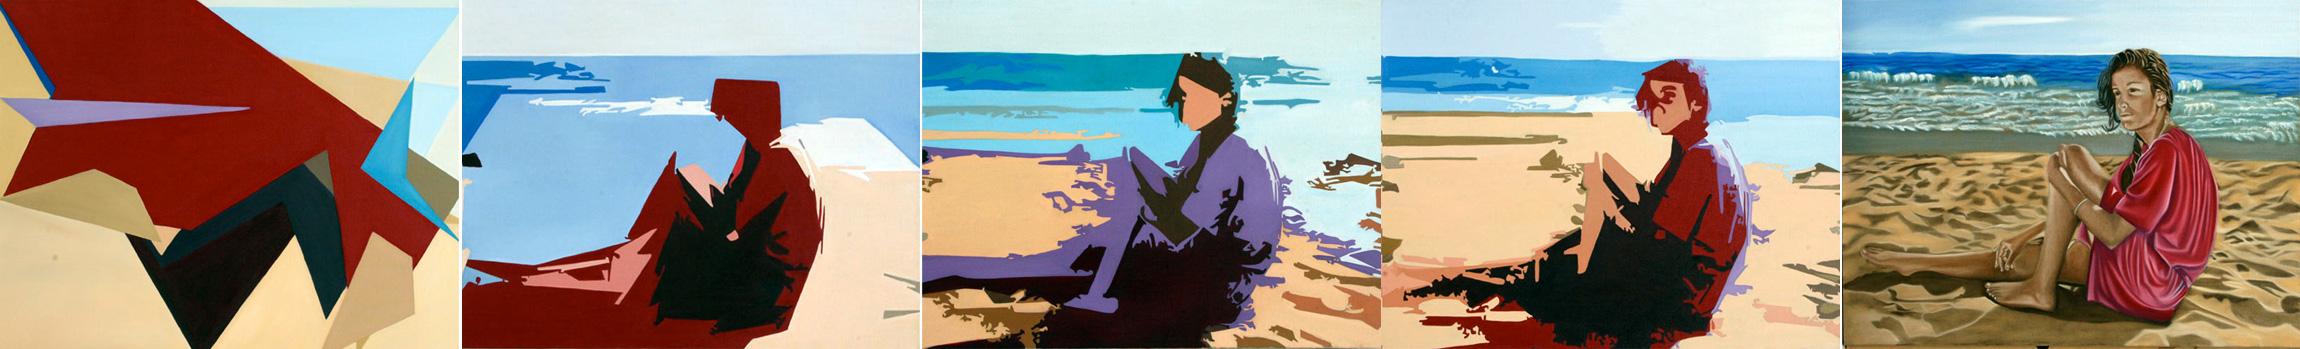 Leah-quintyptique - huile sur toile - 097x130 - 2012